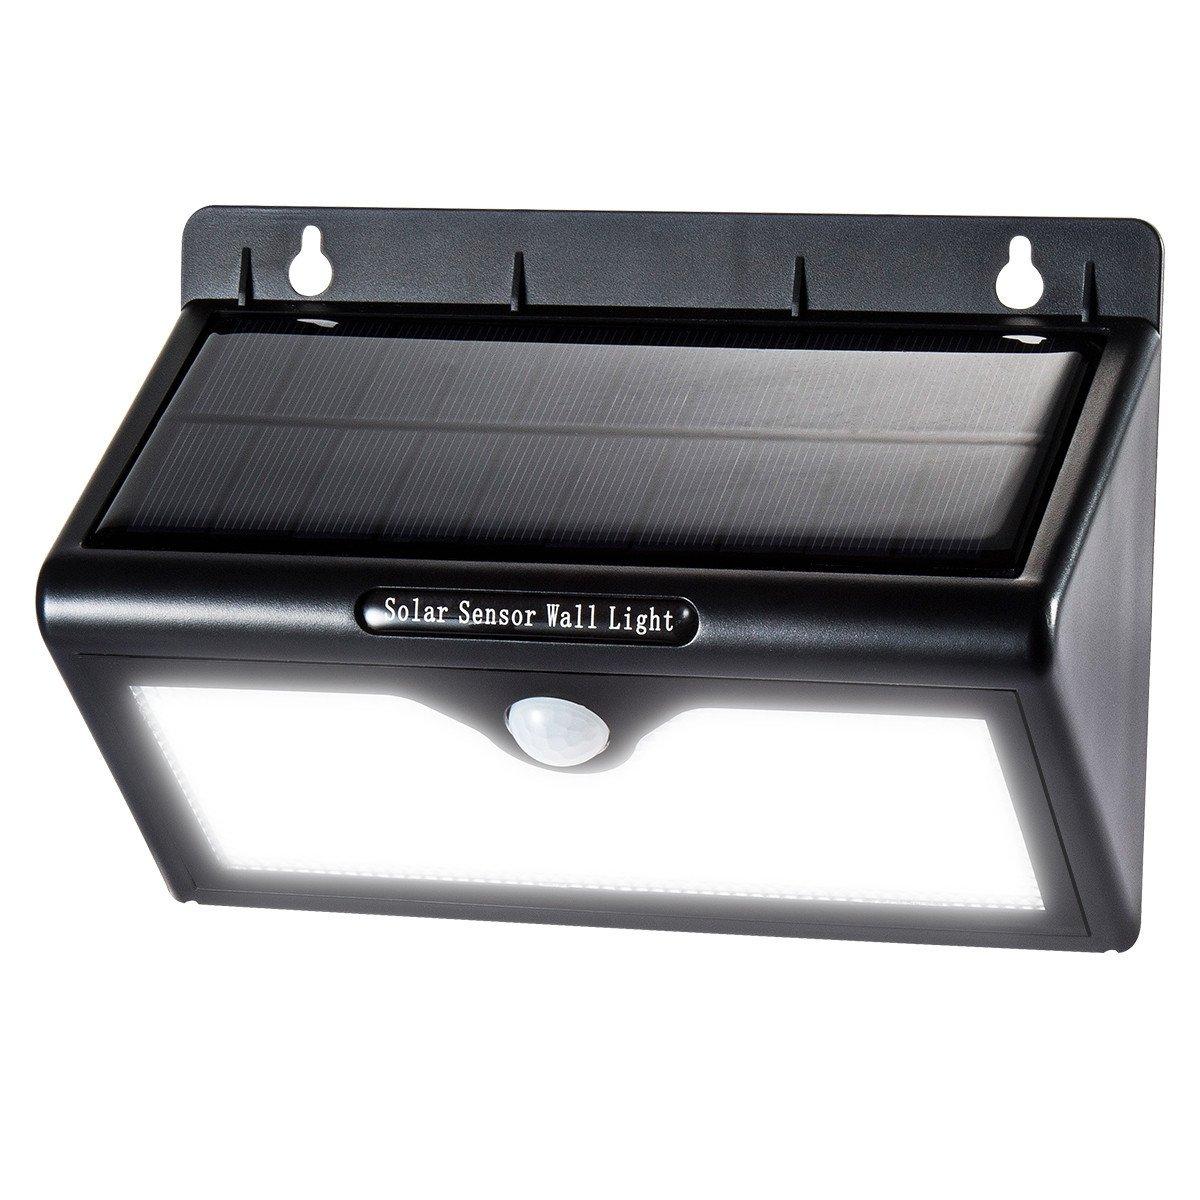 新作モデル KYC ソーラー B0711VVWTT 光 人感センサー 46 ソーラー LED KYC 屋外 防犯ライト2モード 超高輝度 防雨壁掛け式 屋外照明 [1個入] ホワイト1個入 B0711VVWTT, 八雲町:5d4ee500 --- arianechie.dominiotemporario.com